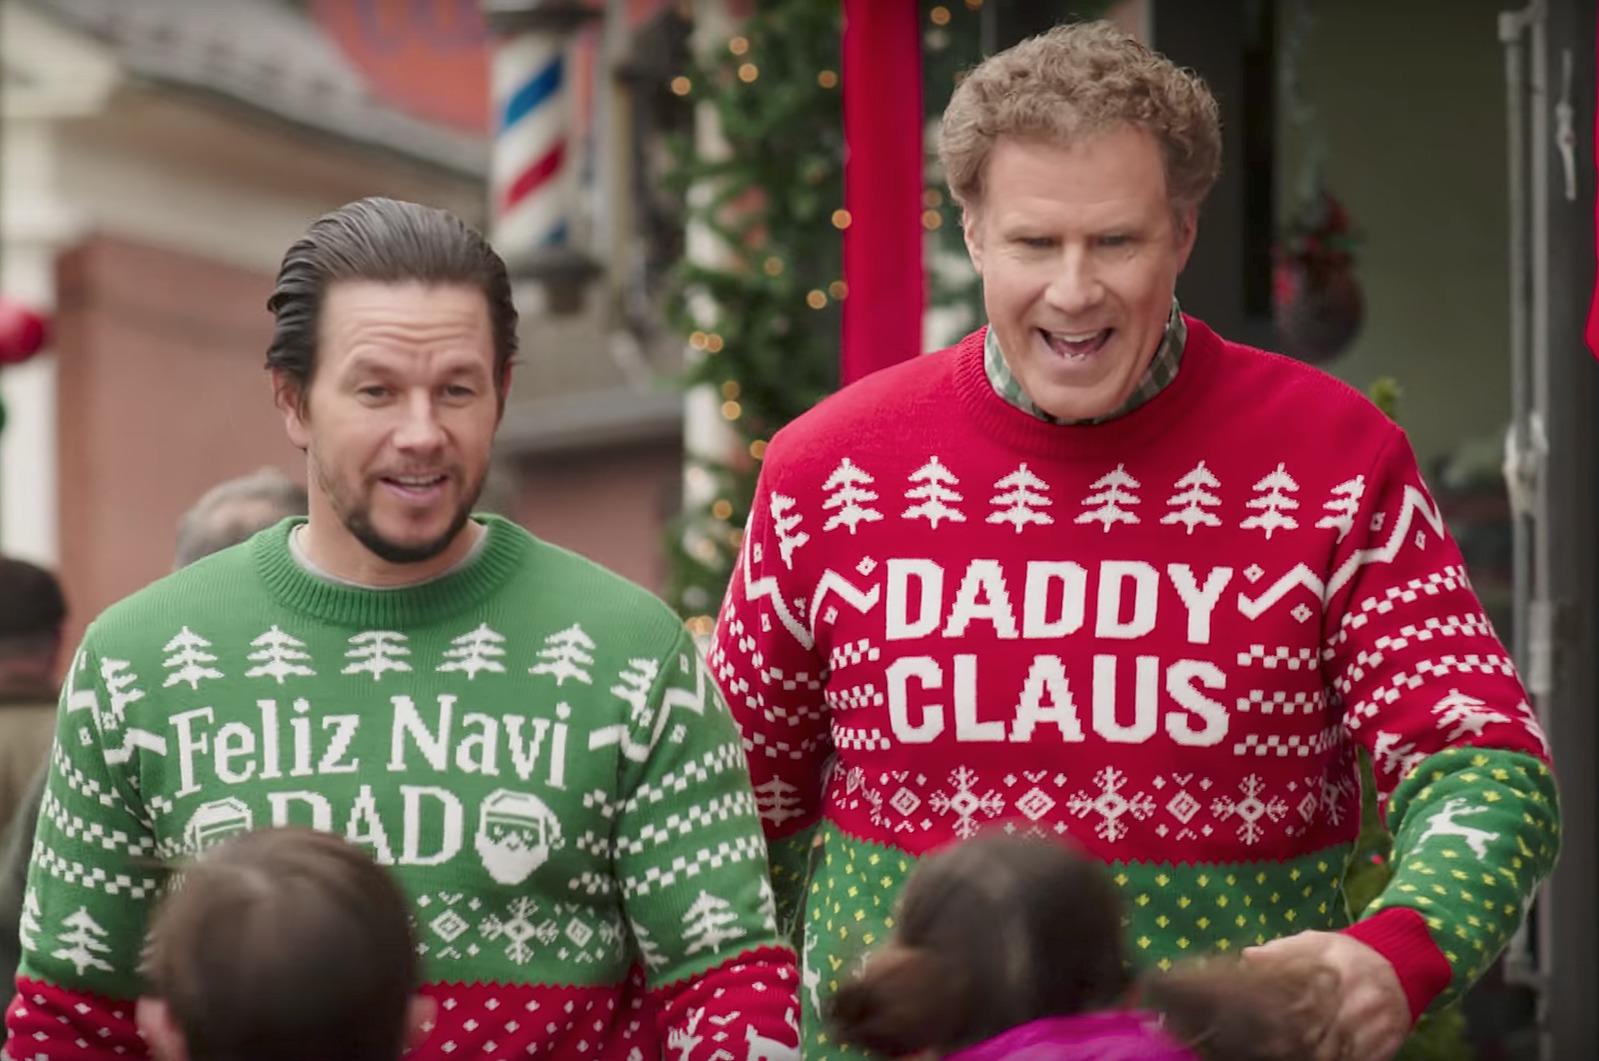 Táta je doma 2: Dvojka působí v trailerech jako opravdová komedie | Fandíme filmu